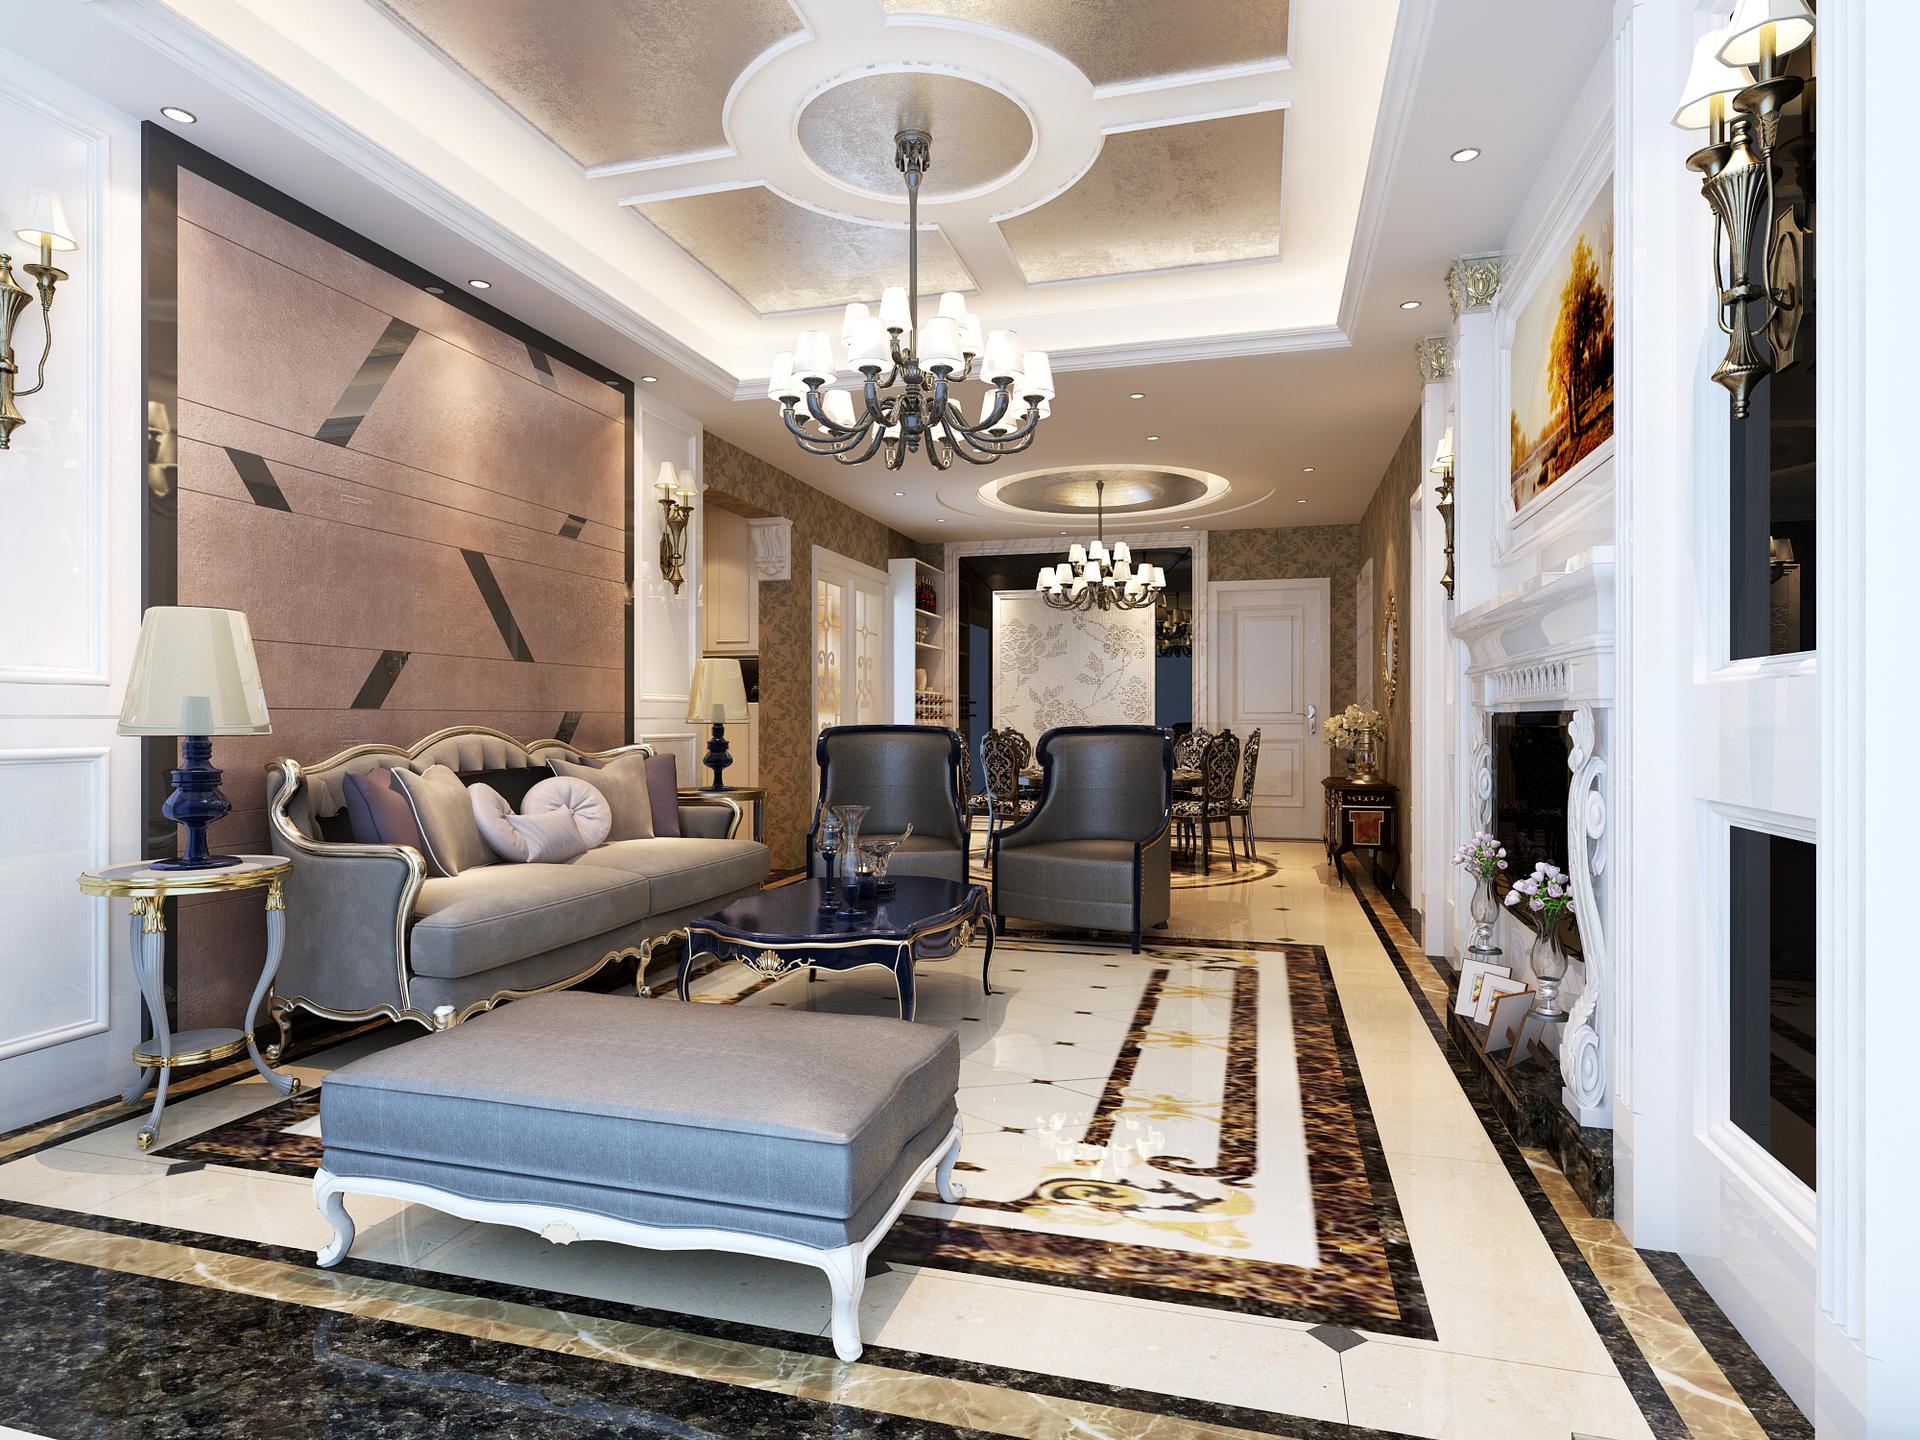 三居 新古典 峰光无限 客厅图片来自西安峰光无限装饰在高科绿水东城三室130平新古典的分享